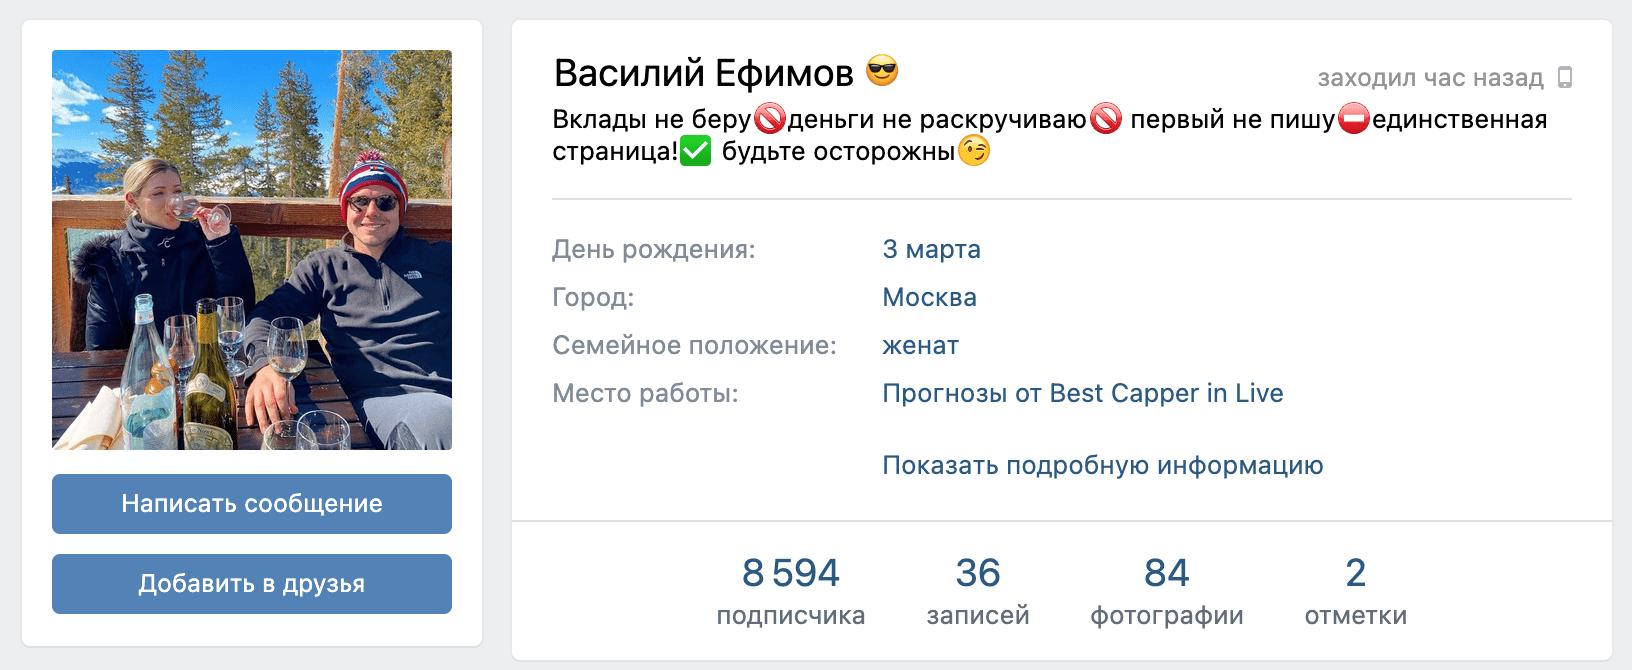 Личная страница ВК Василия Ефимова (Основатель Best capper in live)